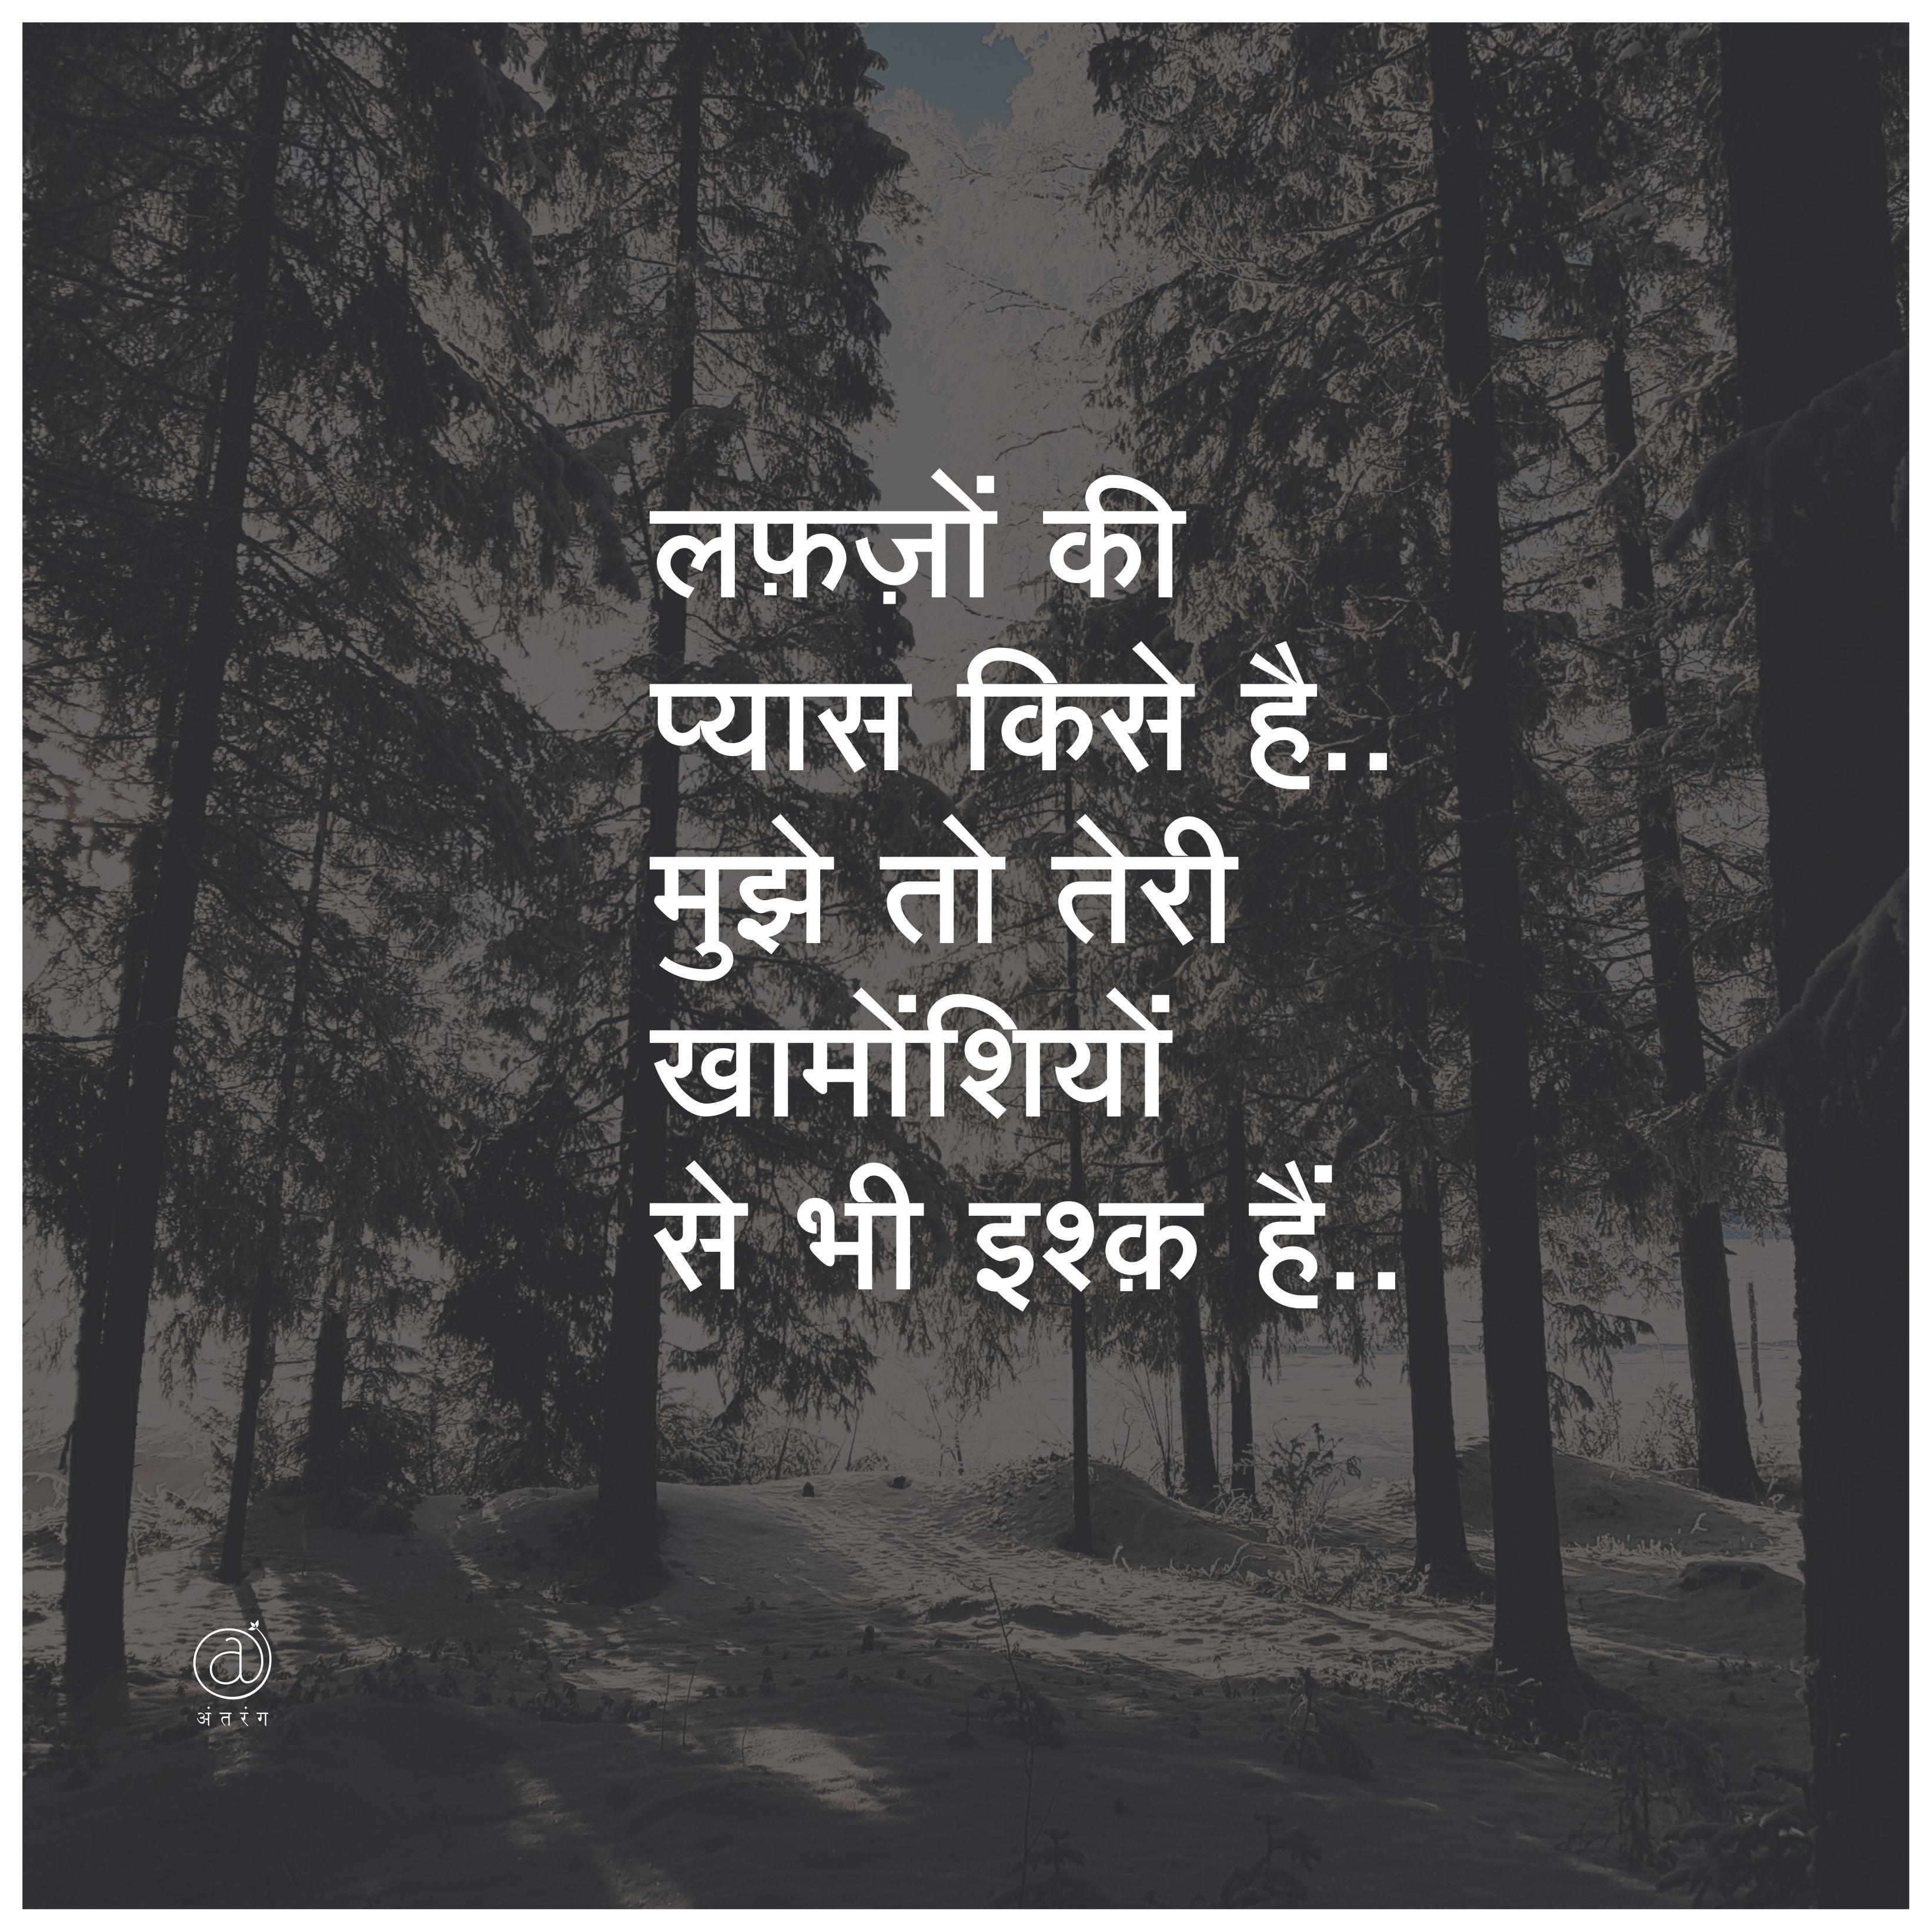 Pin by nilesh gitay on Shayari   Love quotes, Hindi quotes ...